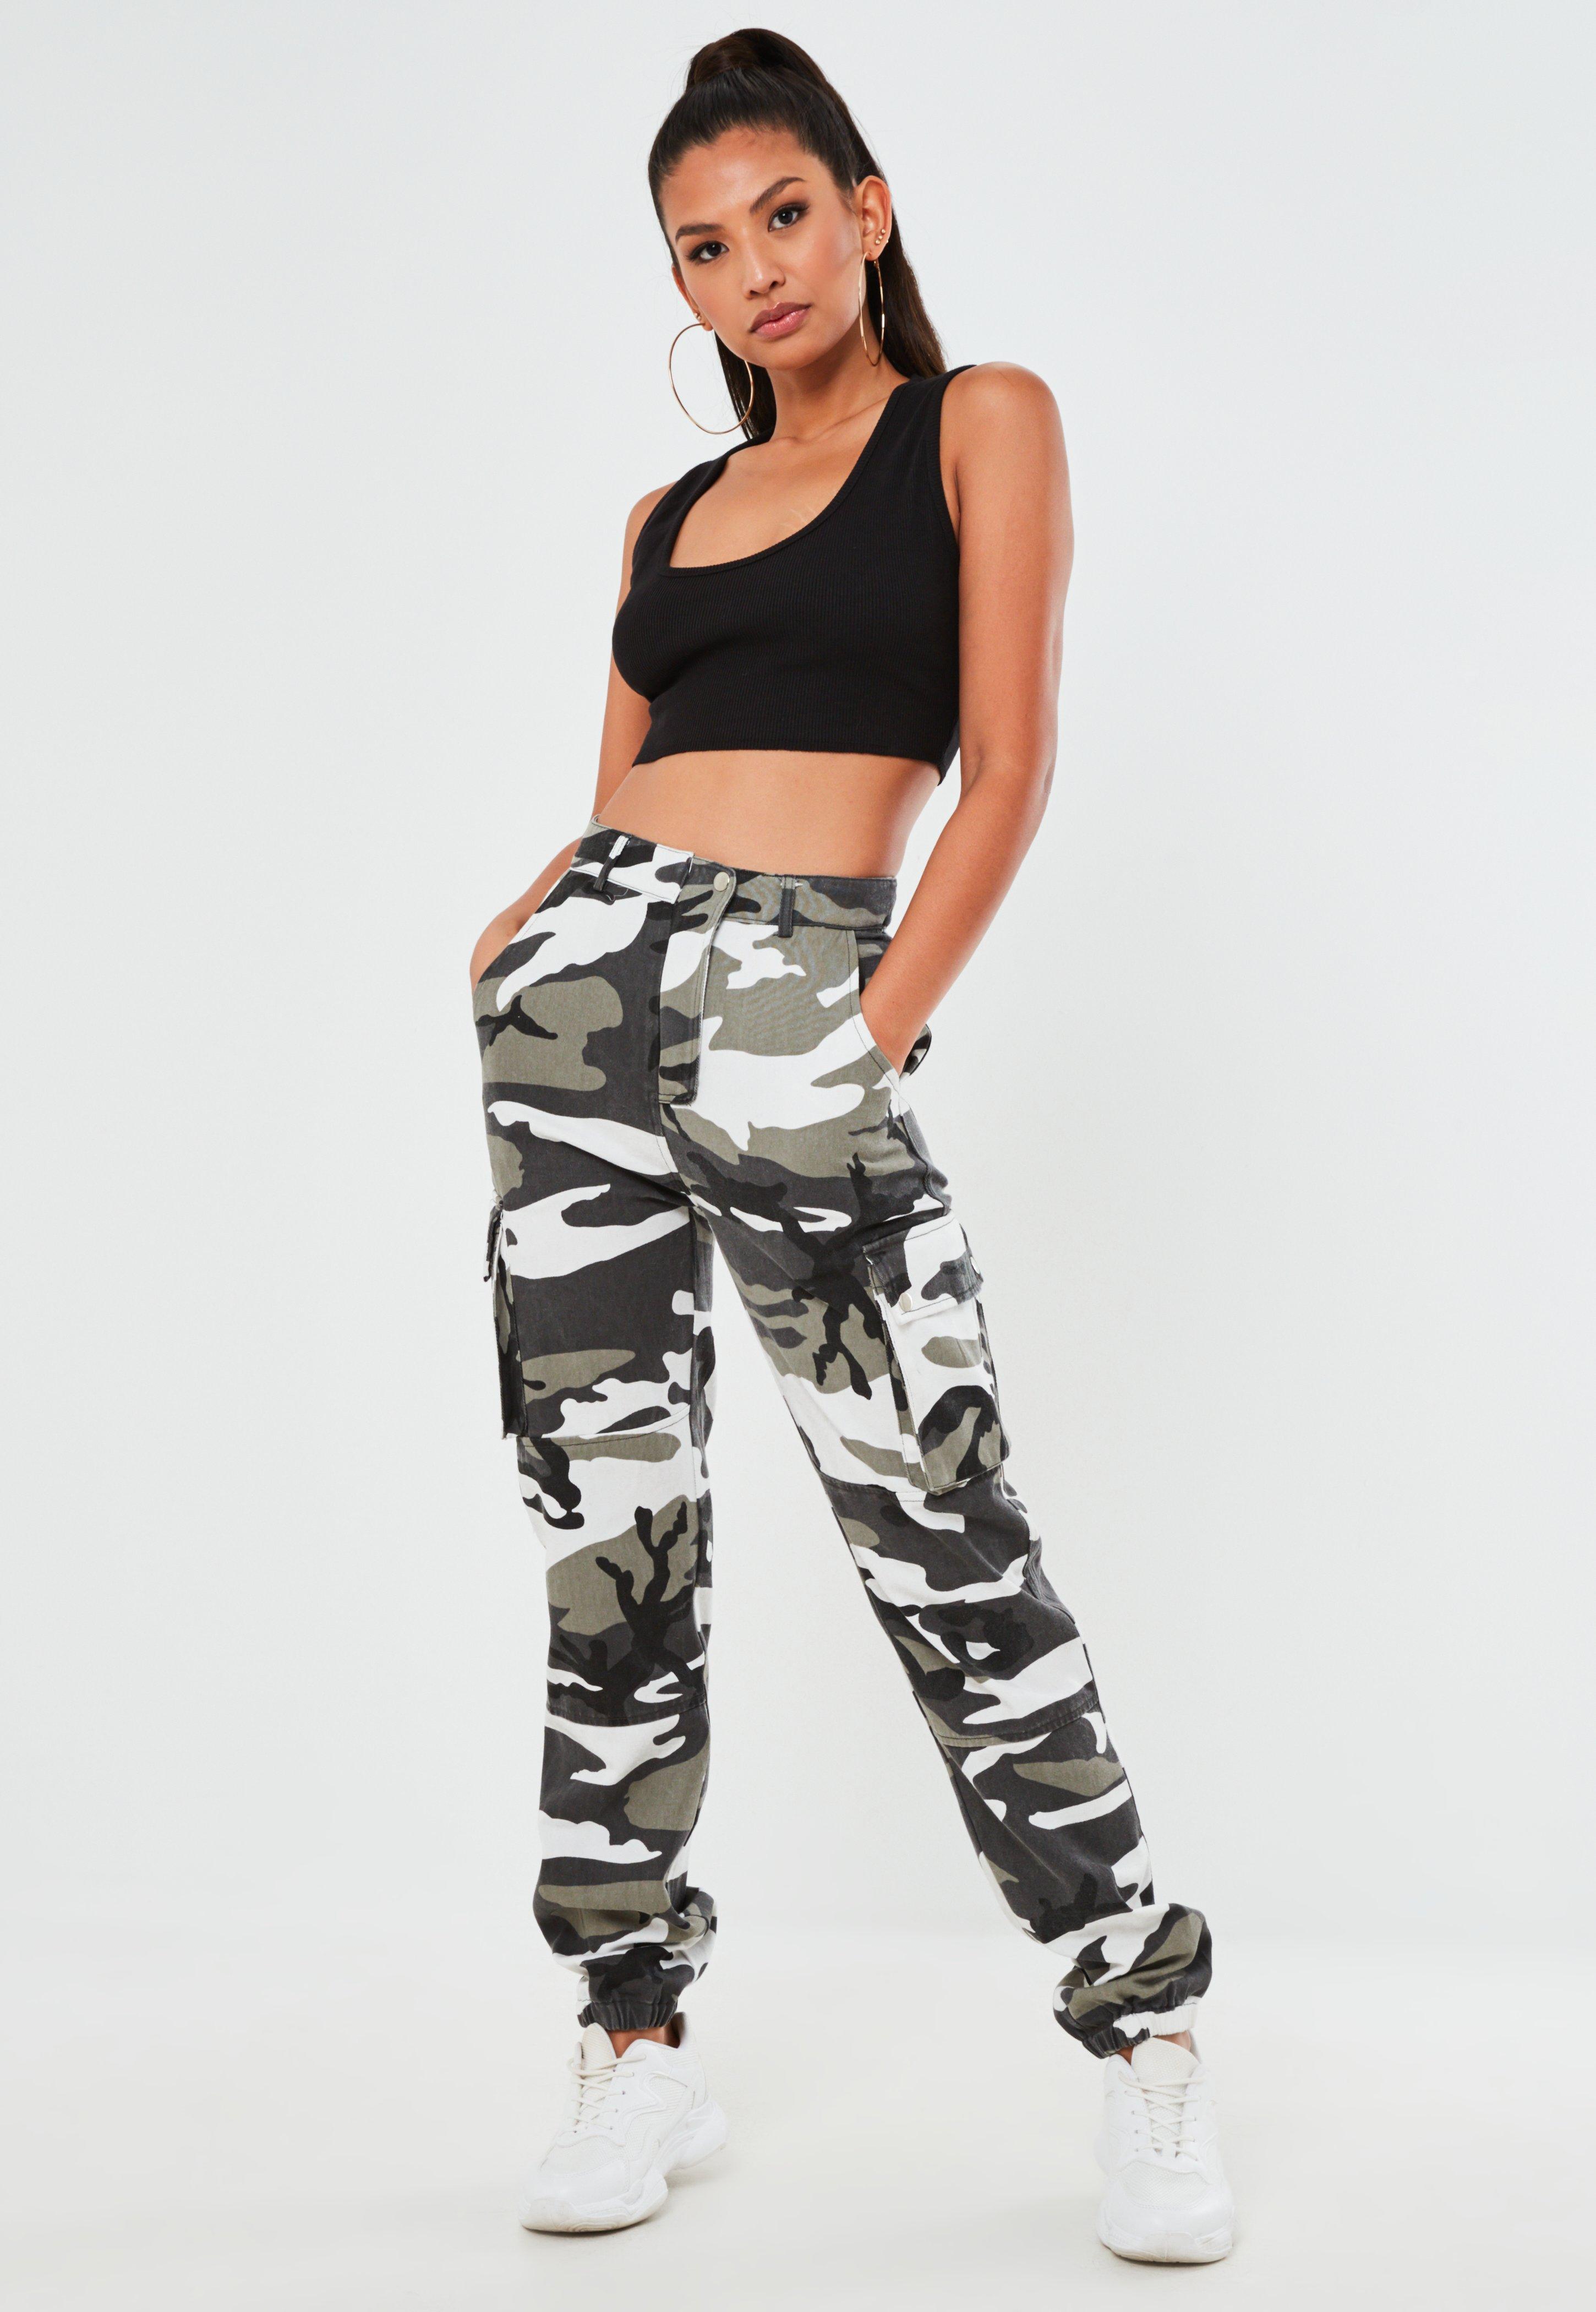 Camouflage Hosen für Frauen shoppen – Missguided